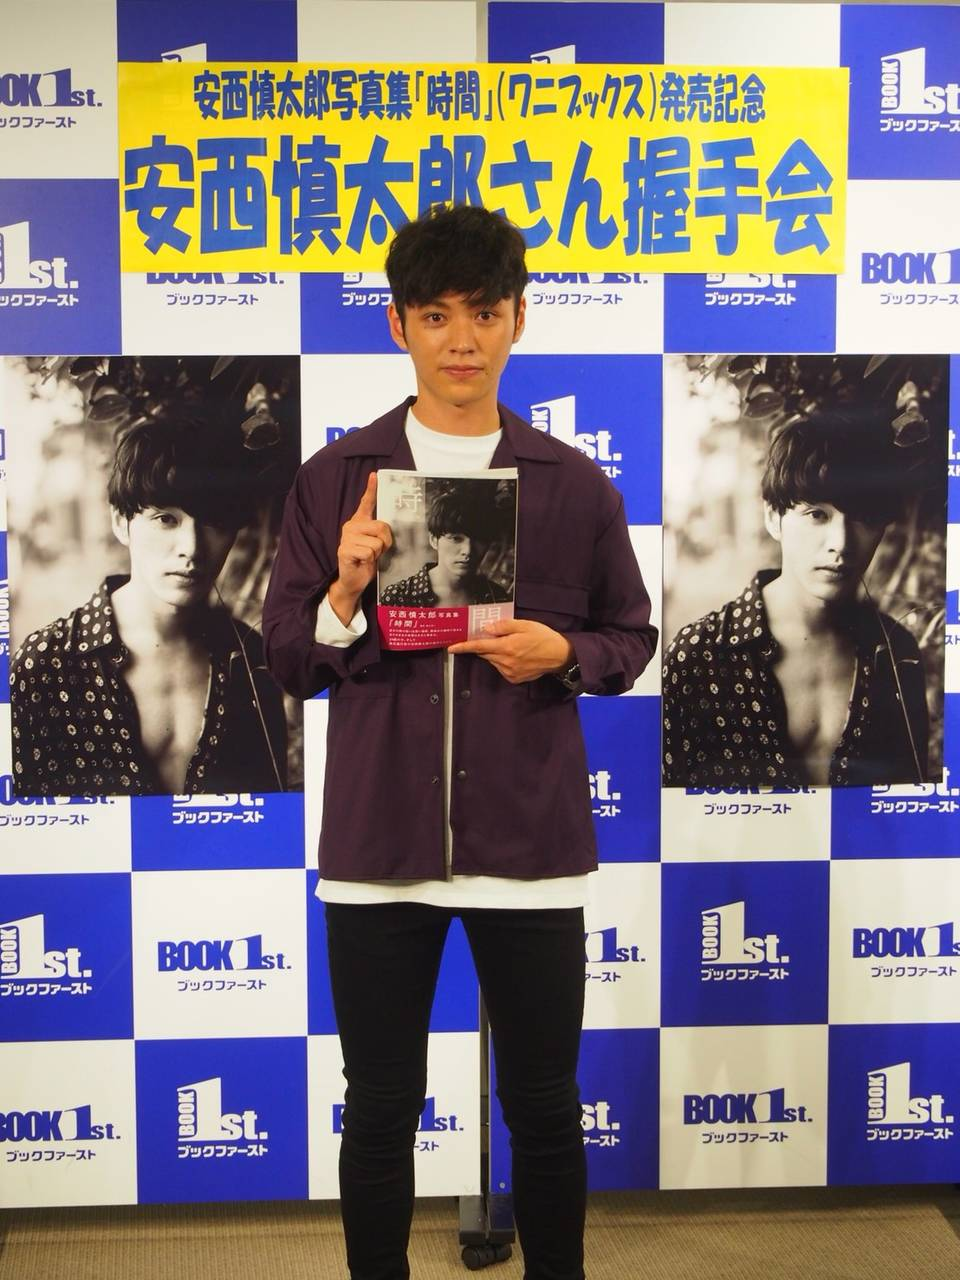 安西慎太郎、セカンド写真集『時間』発売記念イベント開催! 「撮られることが好きになった」